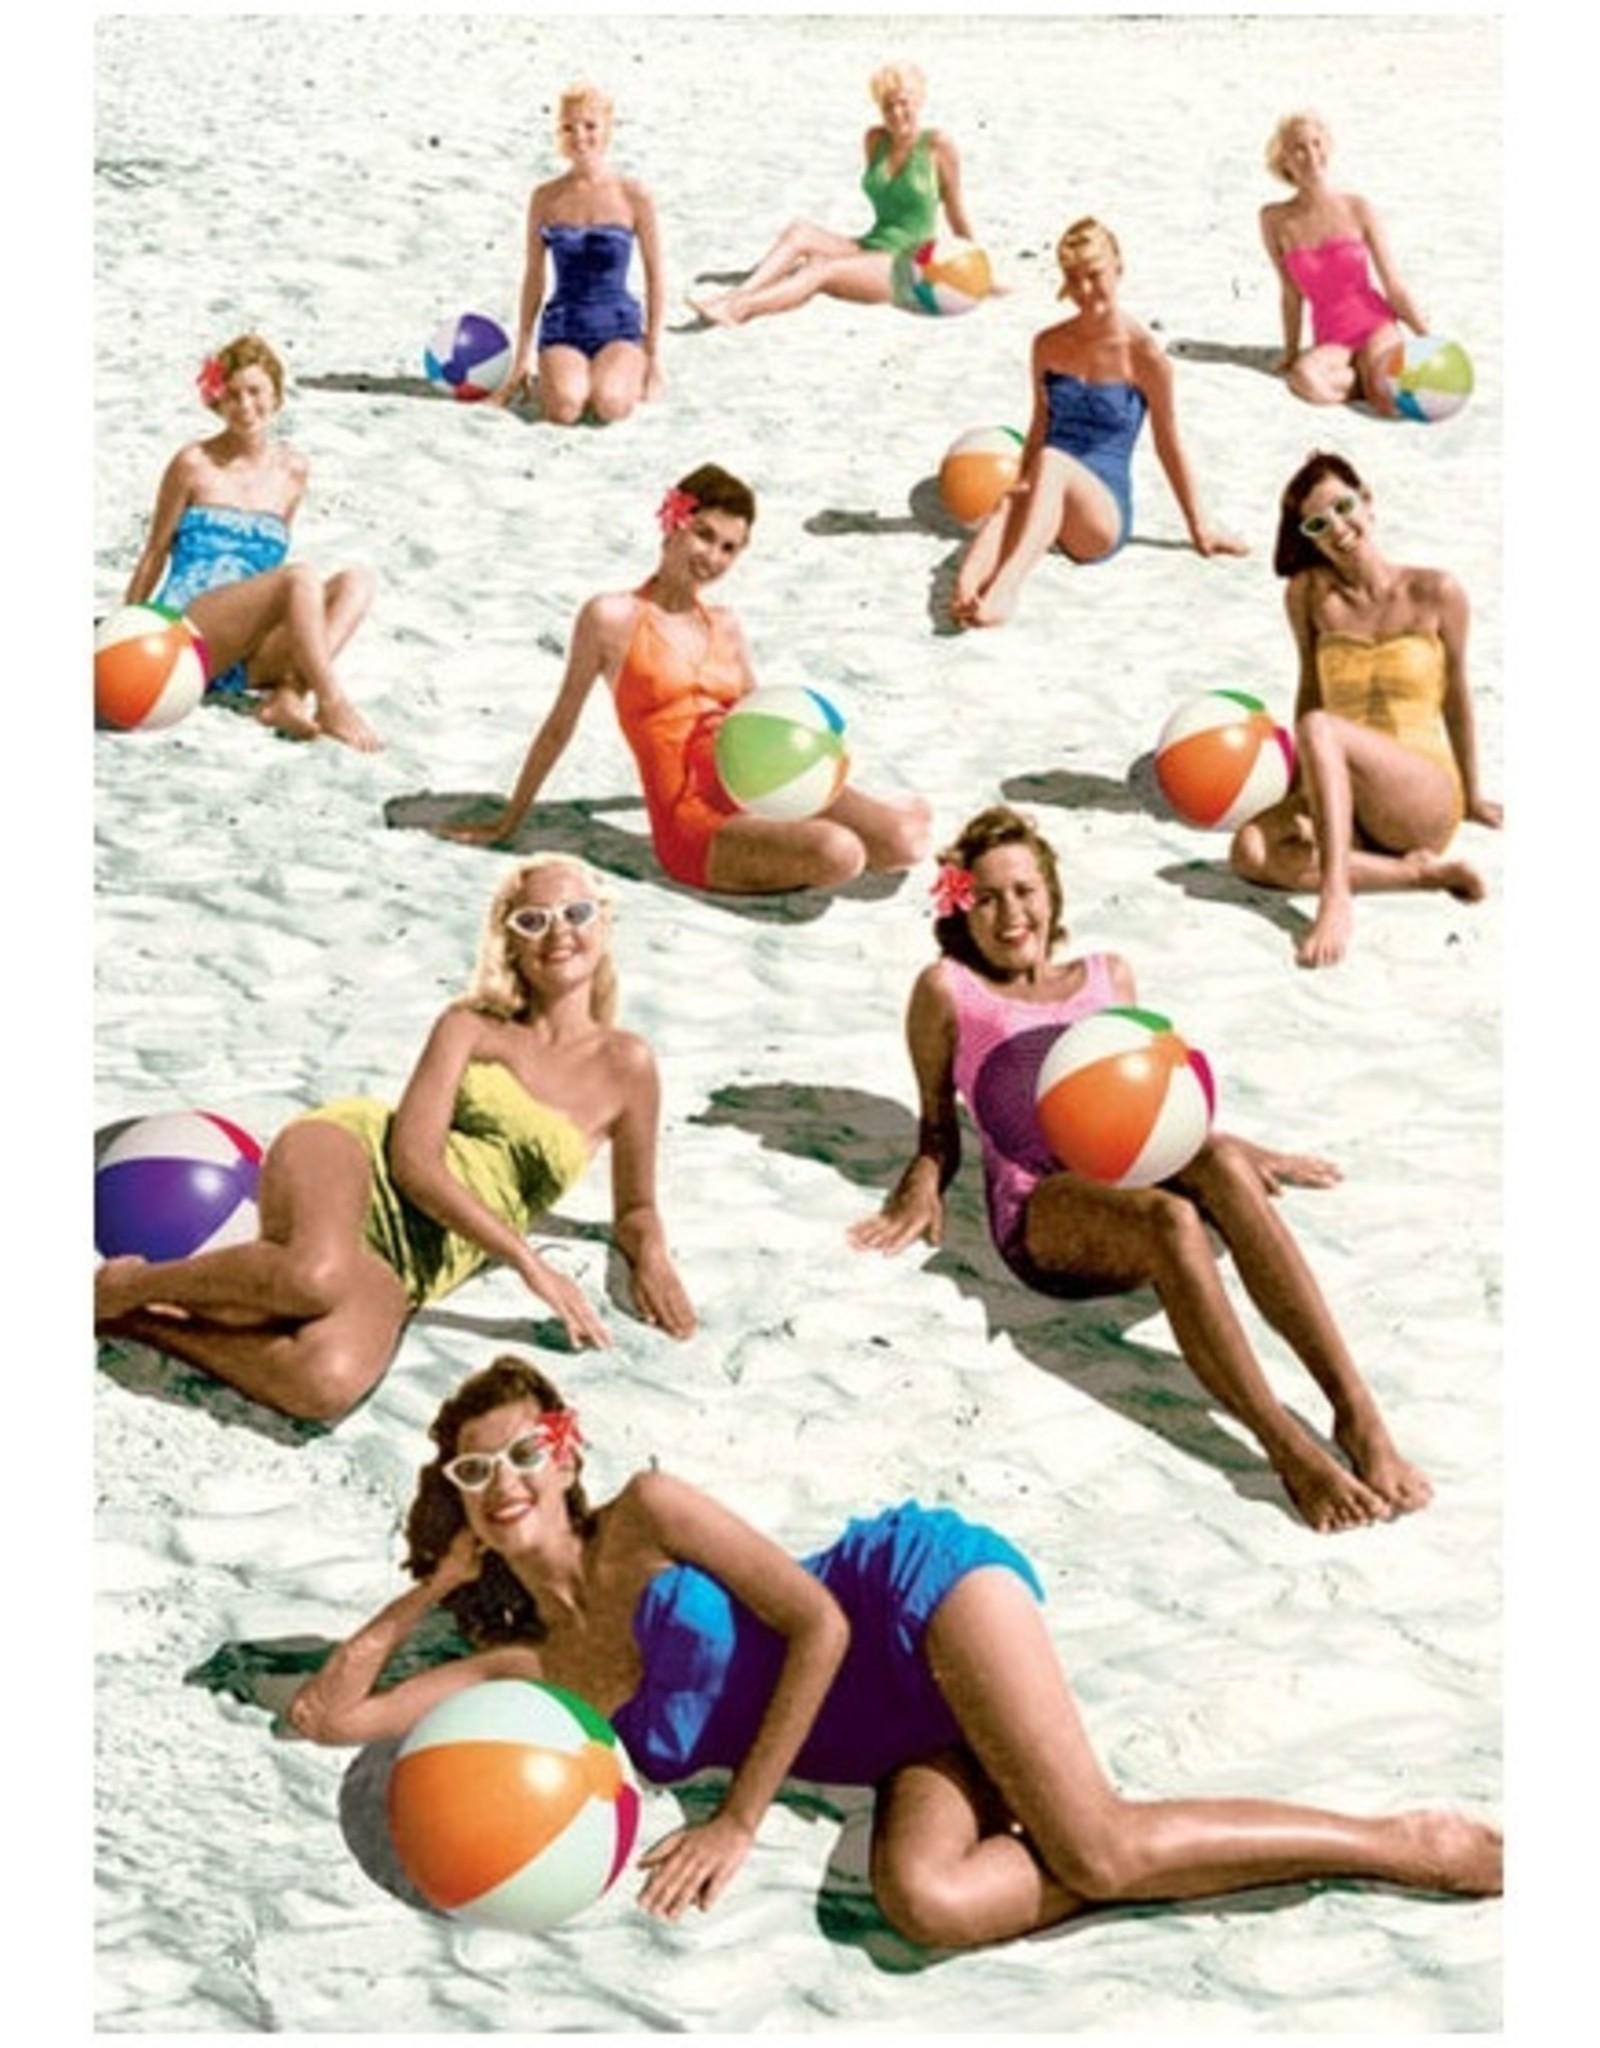 Ansichtkaart - Beach ball babes